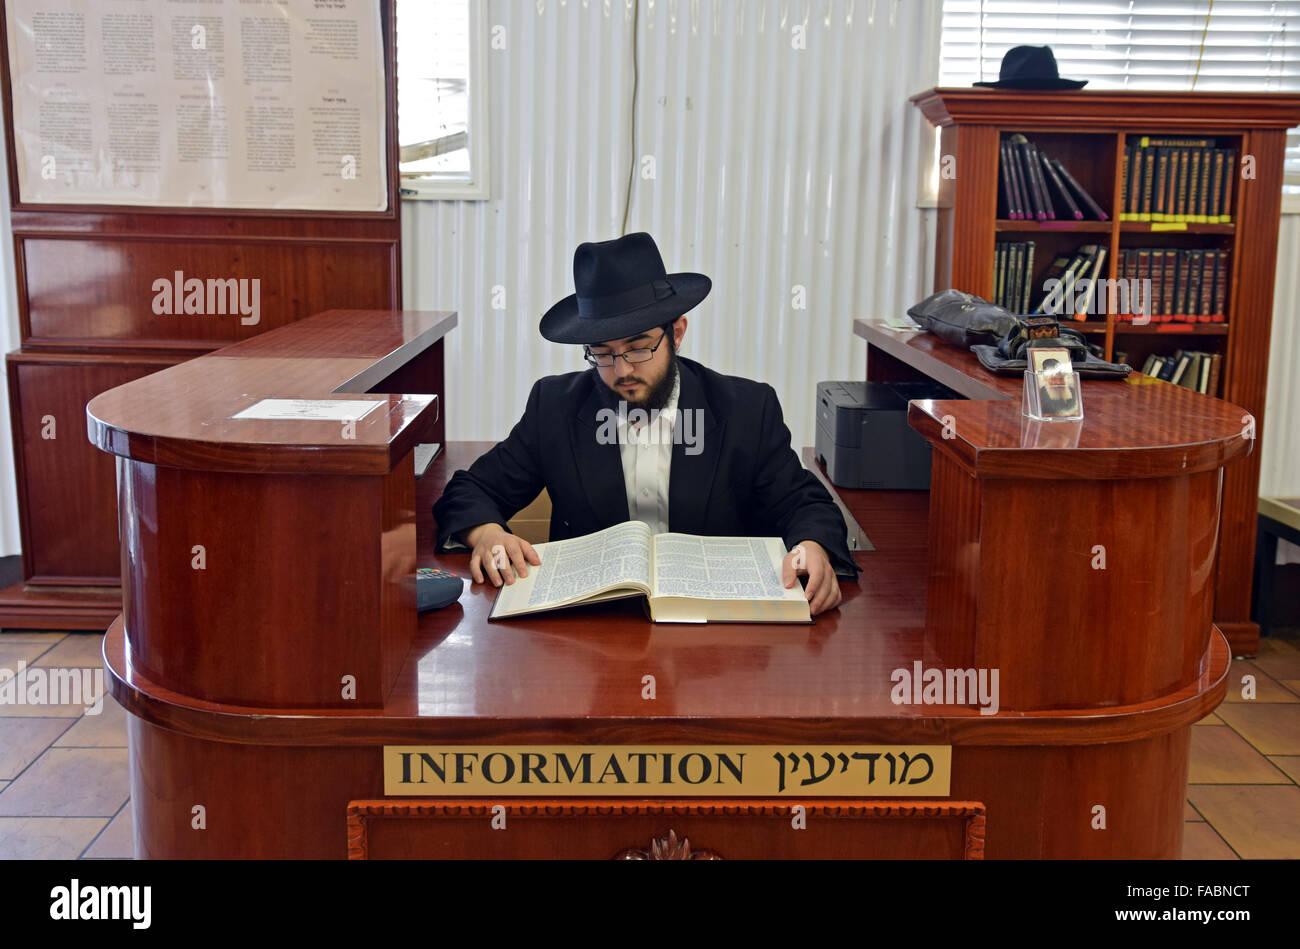 Un joven religioso judío estudiando Talmud como él está sentado en el mostrador de información Imagen De Stock